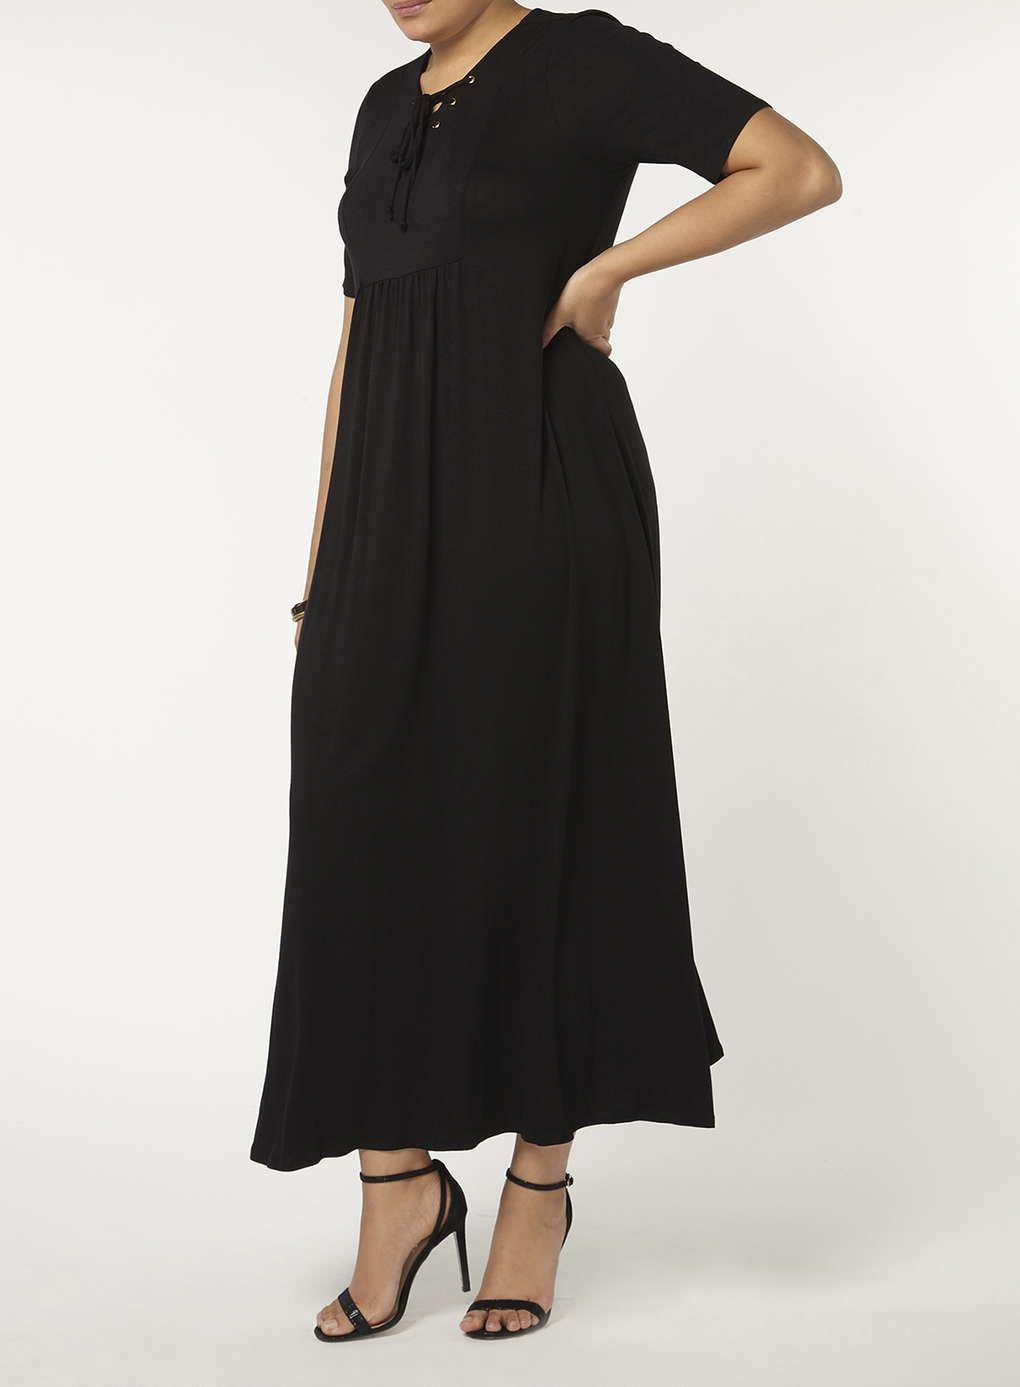 Buyuk Beden Uzun Abiye Elbise Modelleri Gece Elbiseleri Plus Size Dresses 4 Plus Size Dresses Elbise Modelleri Elbise